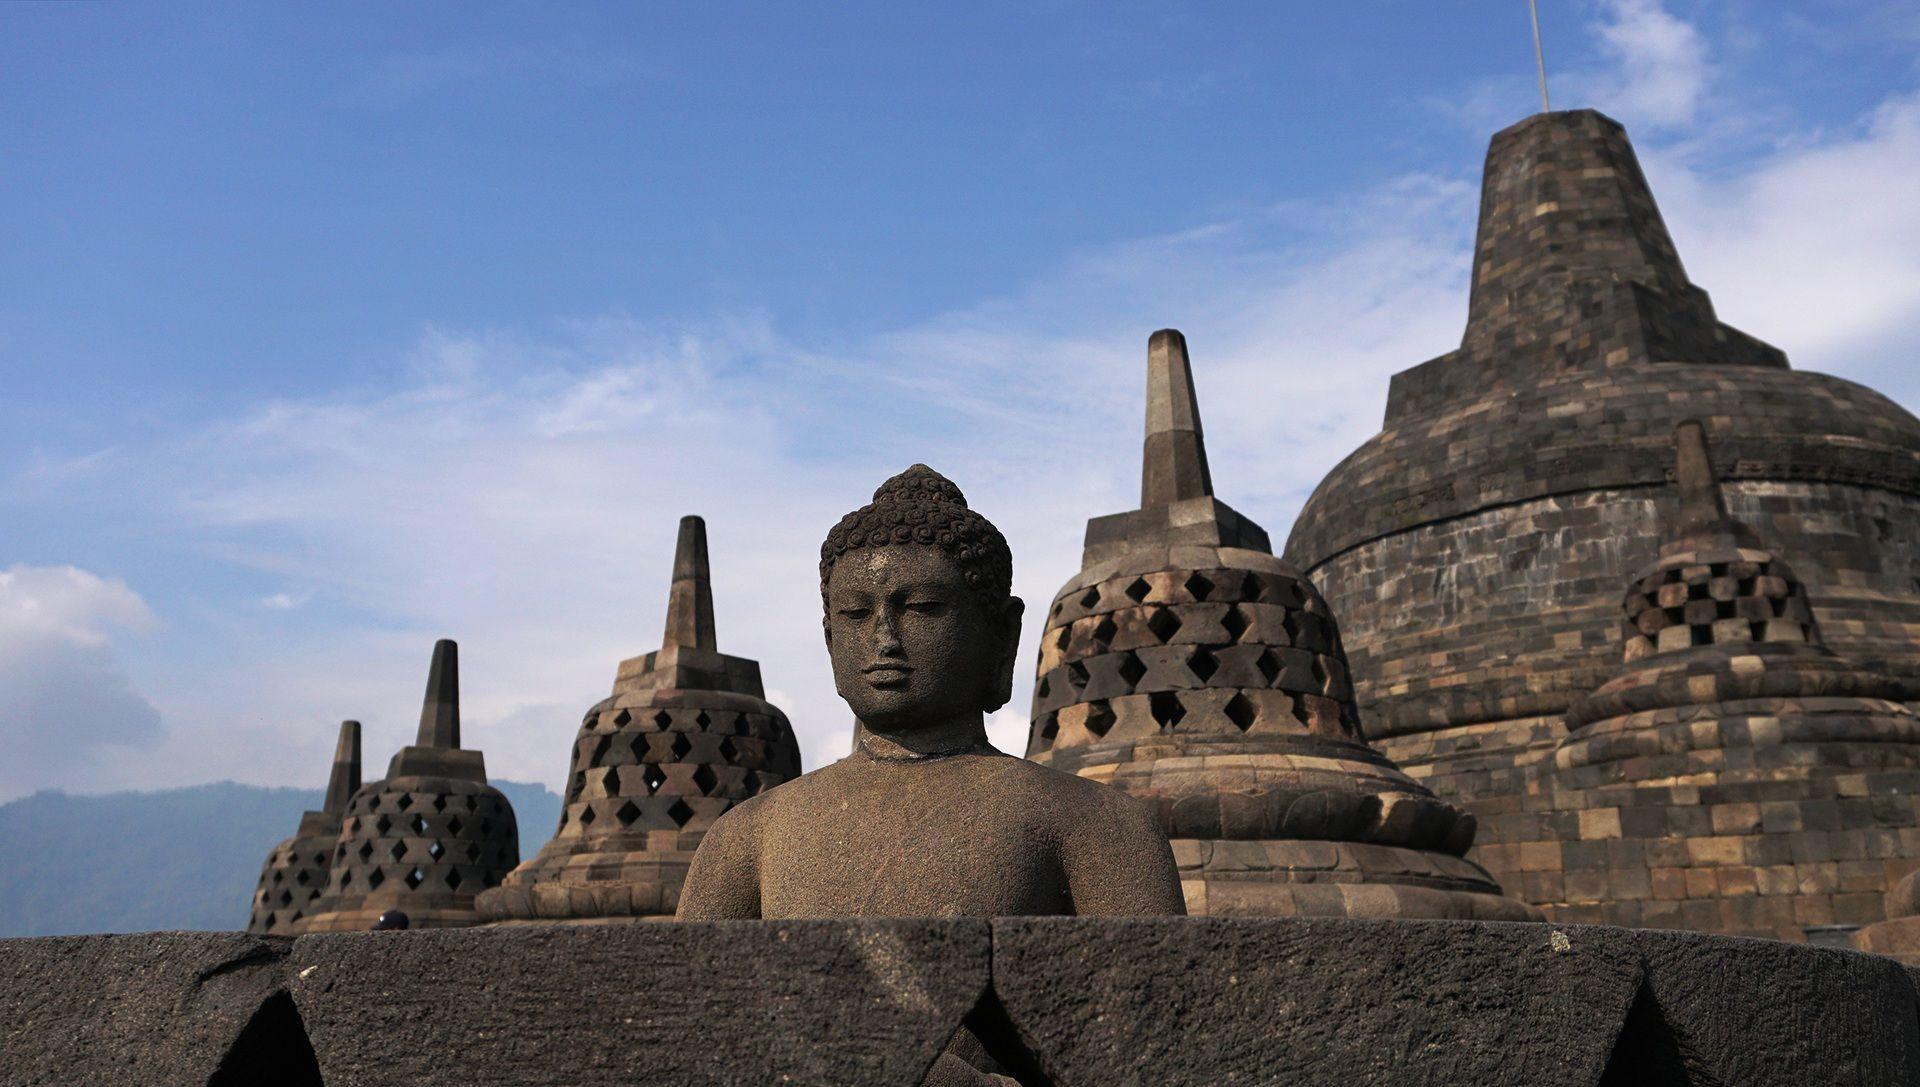 Sfeerimpressie Rondreis Java: Hoogtepunten van Java